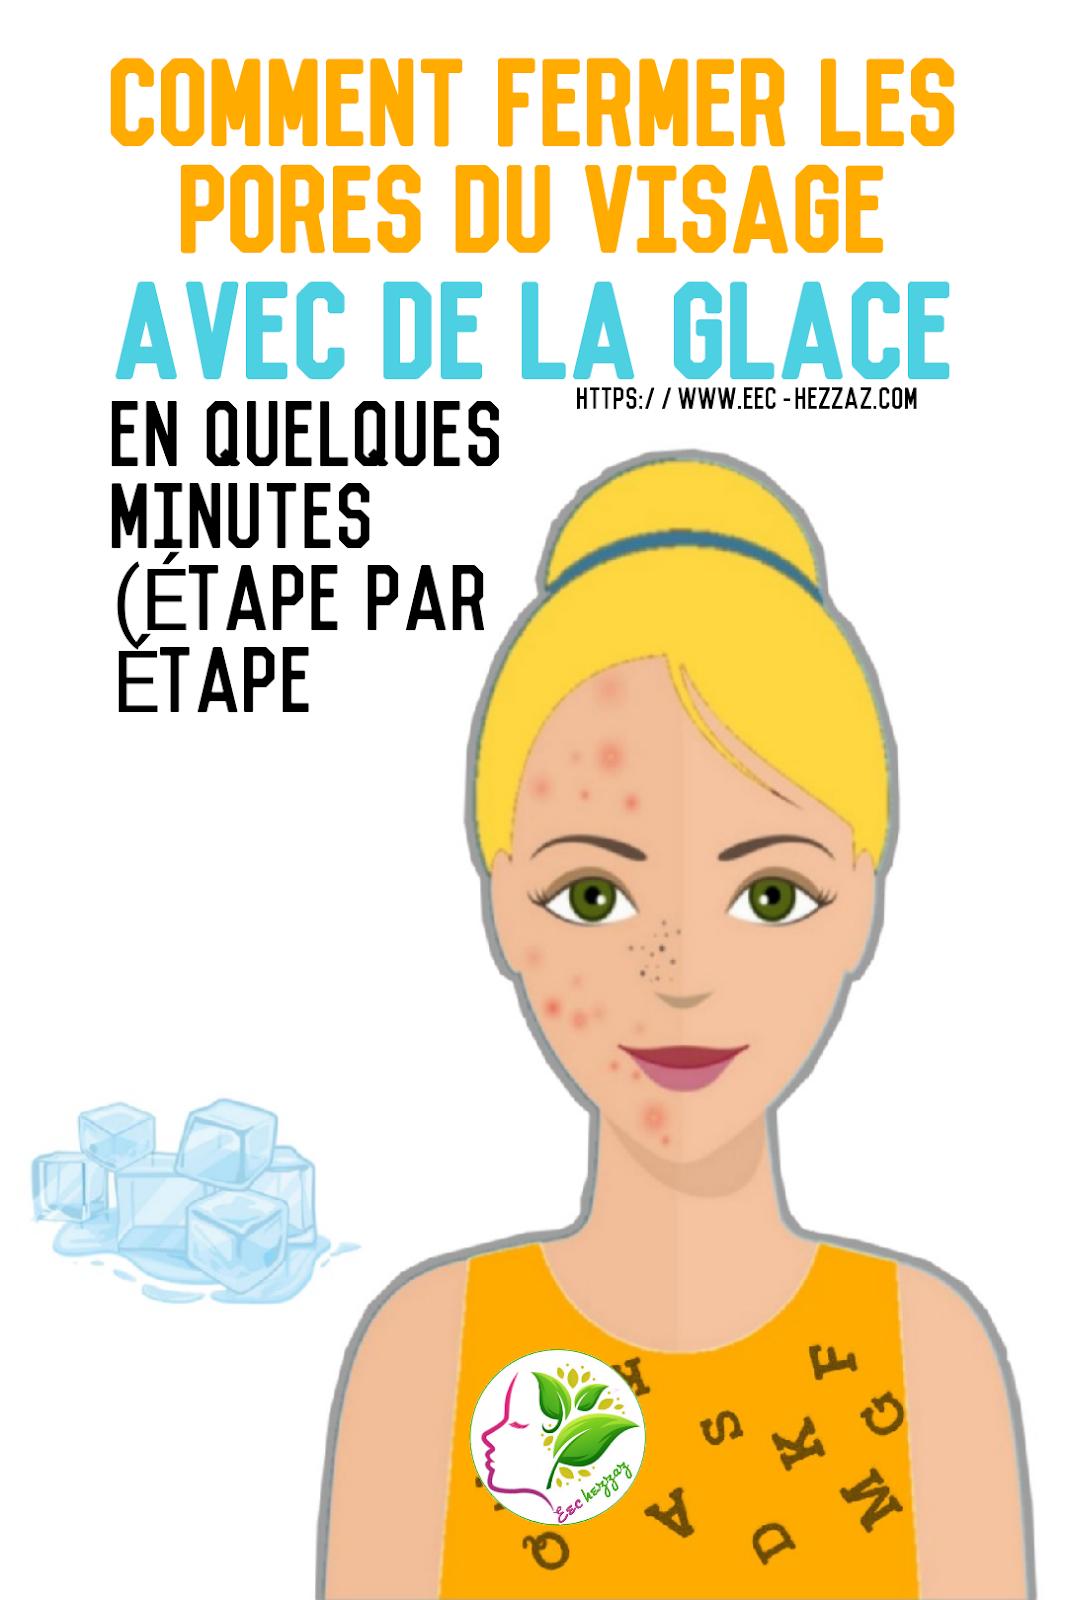 Comment fermer les pores du visage avec de la glace en quelques minutes (ÉTAPE PAR ÉTAPE